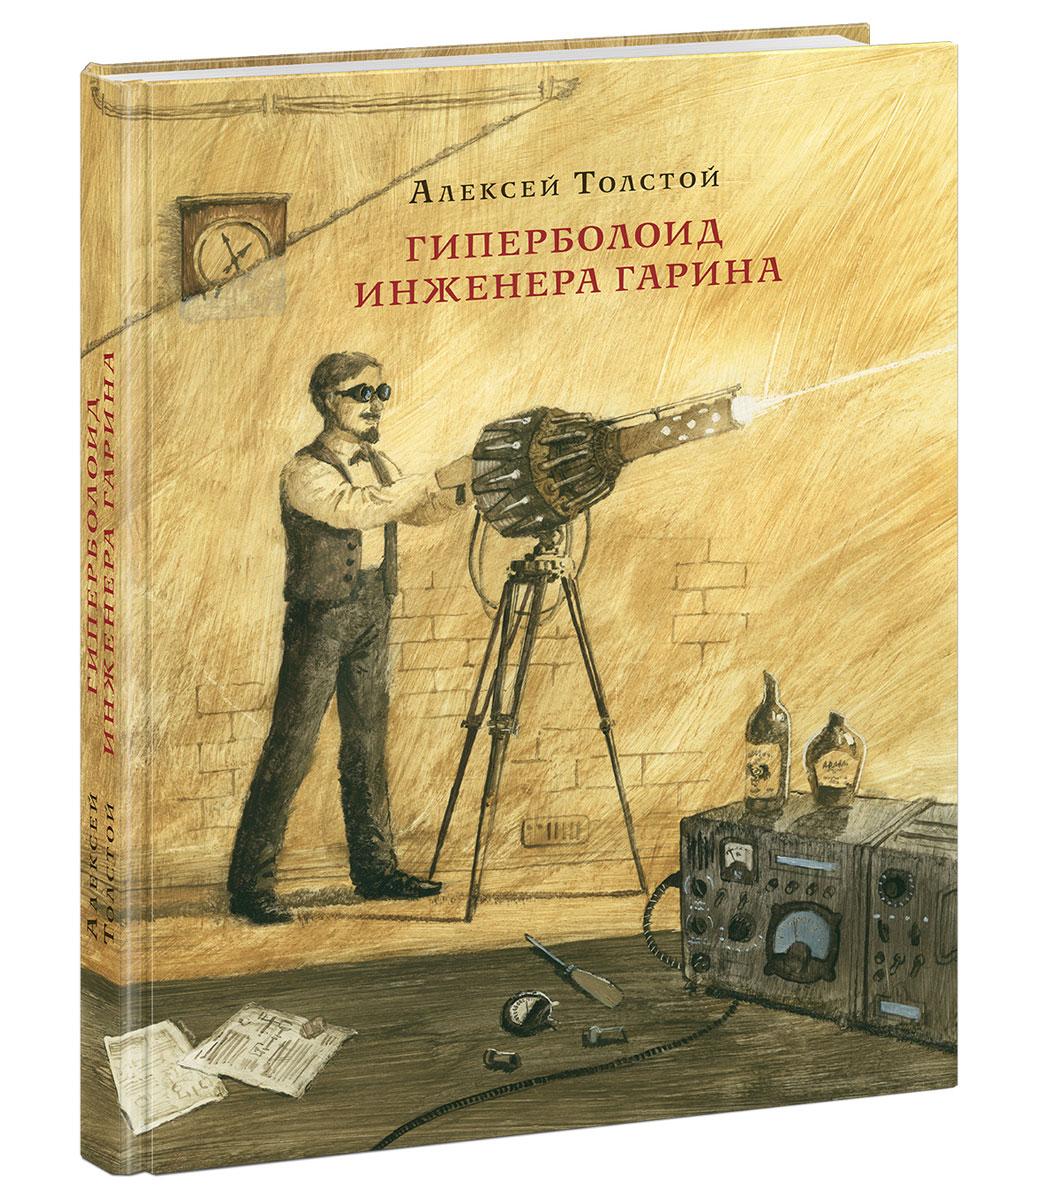 Алексей Толстой Гиперболоид инженера Гарина